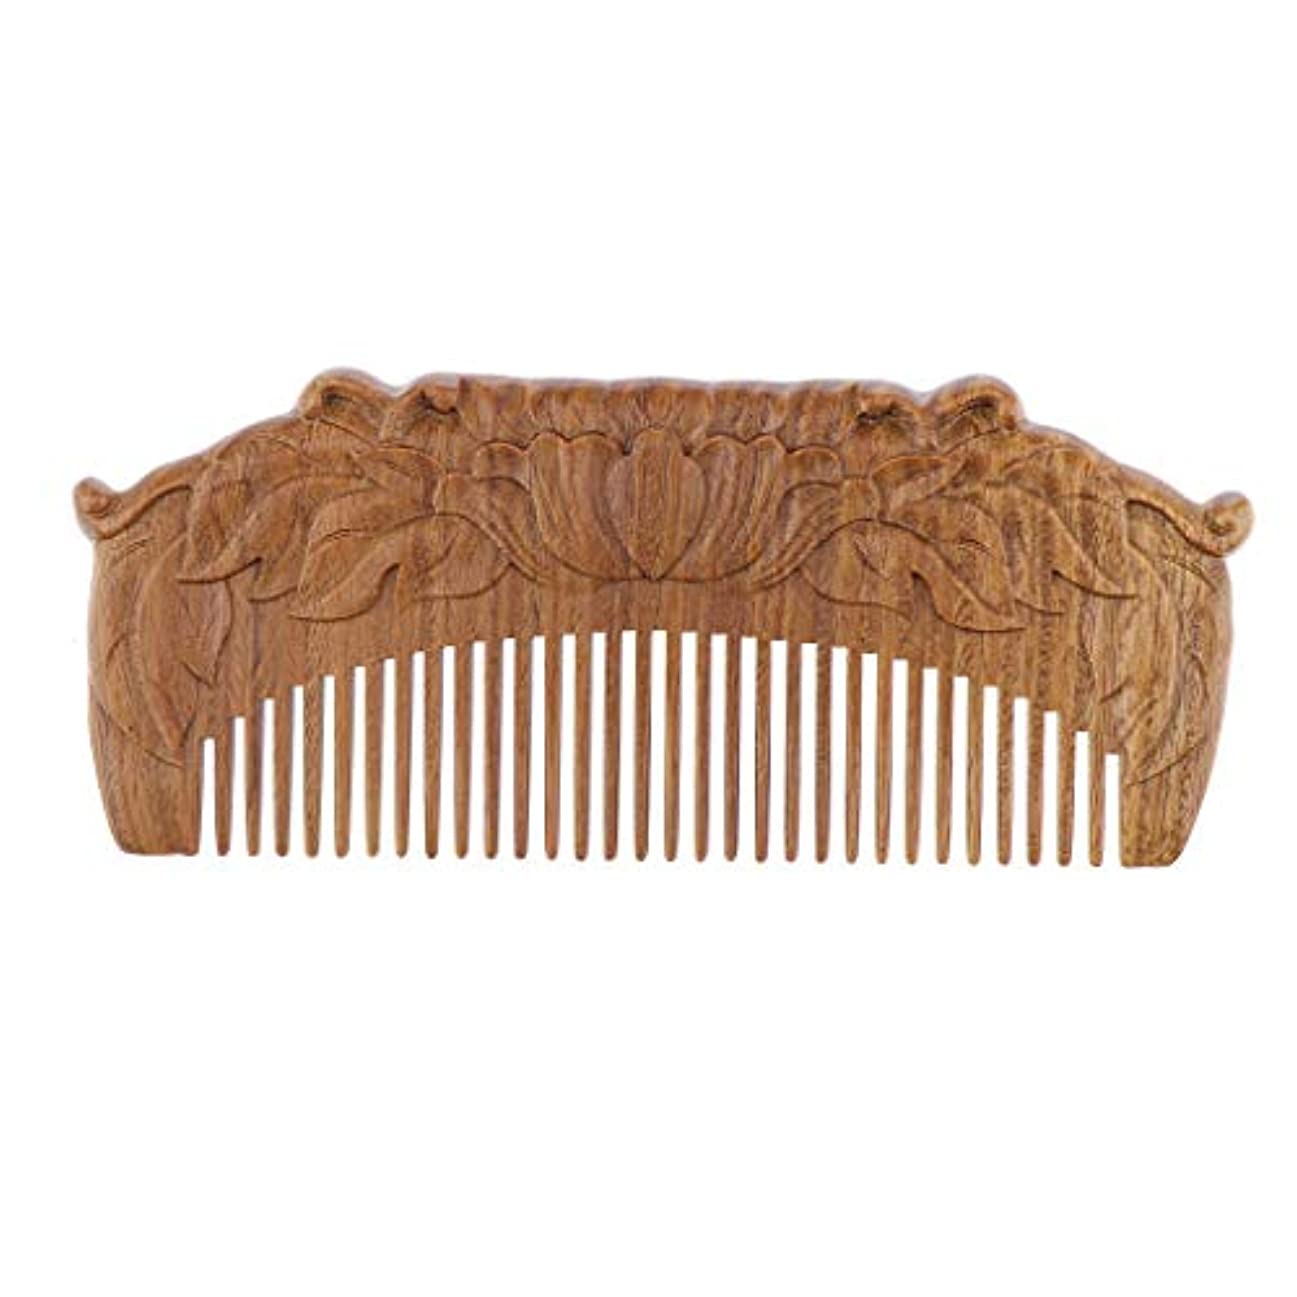 思われる再開長いですB Blesiya 木製櫛 ヘアコーム ヘアブラシ 天然木 手作り プレゼント